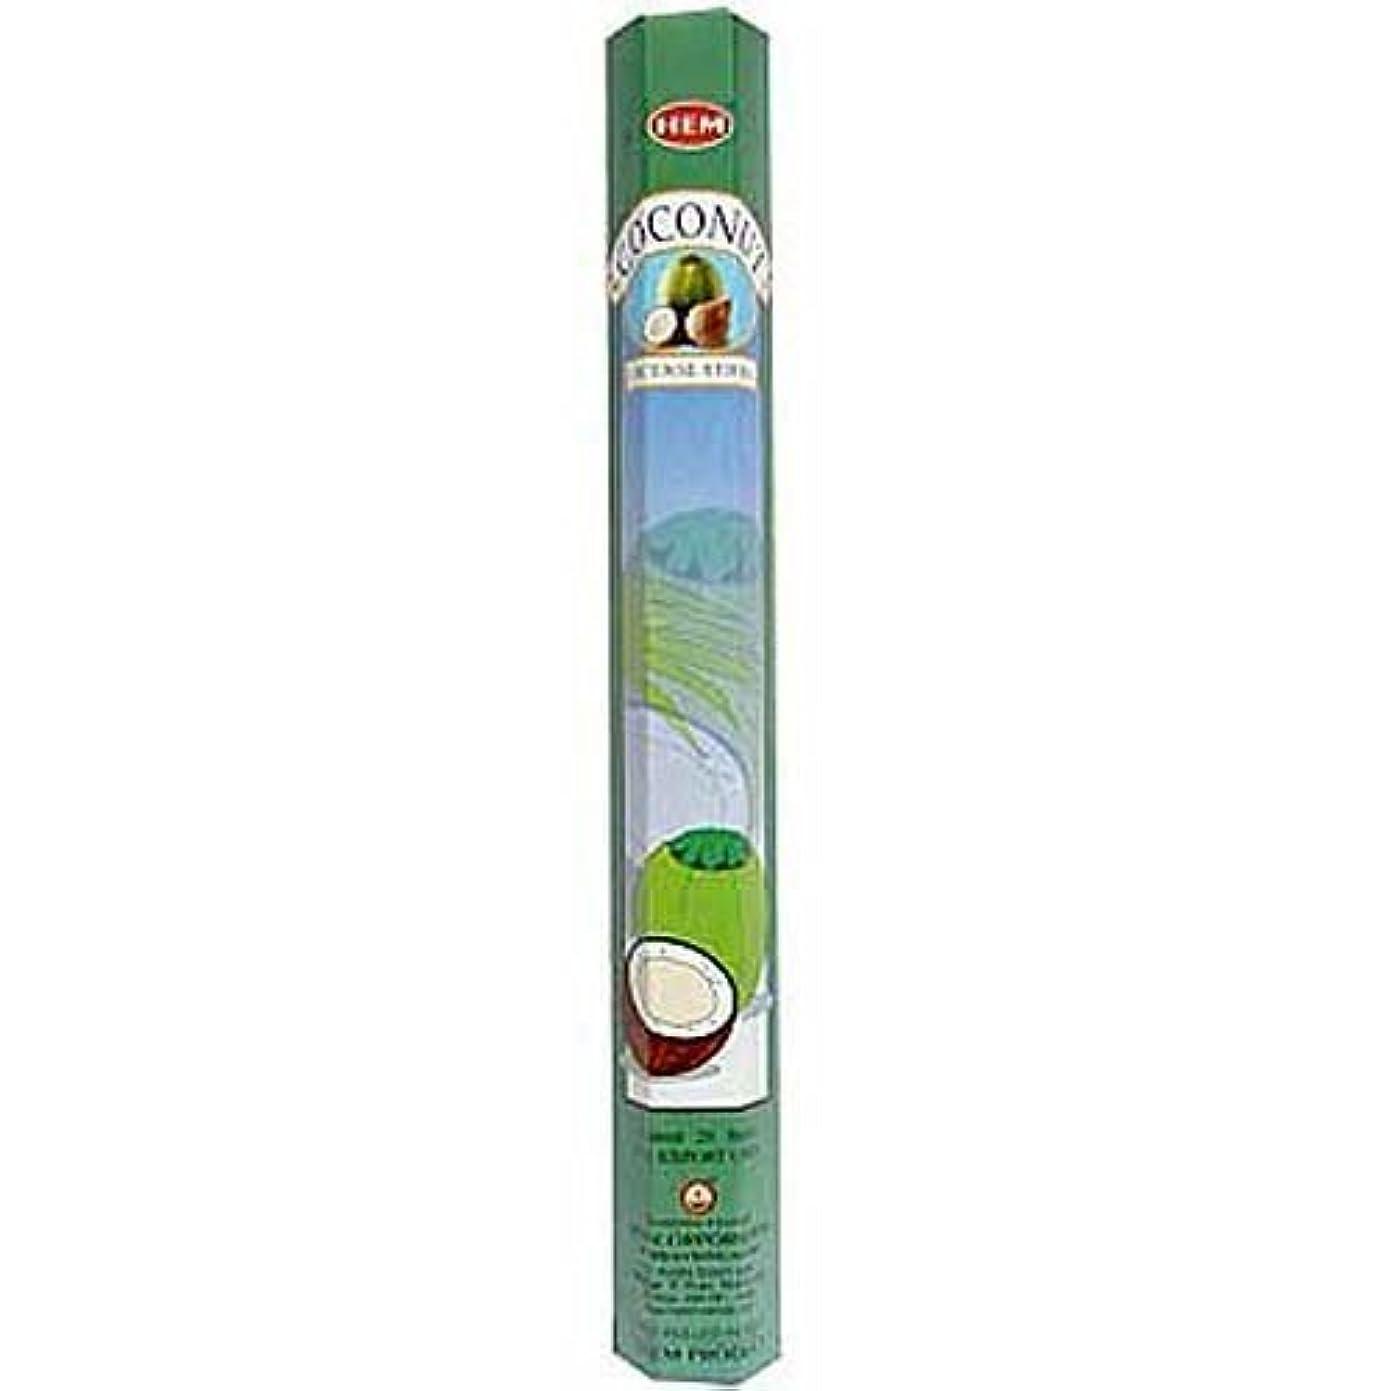 終了する床を掃除する銀HEMココナッツ 6個セット